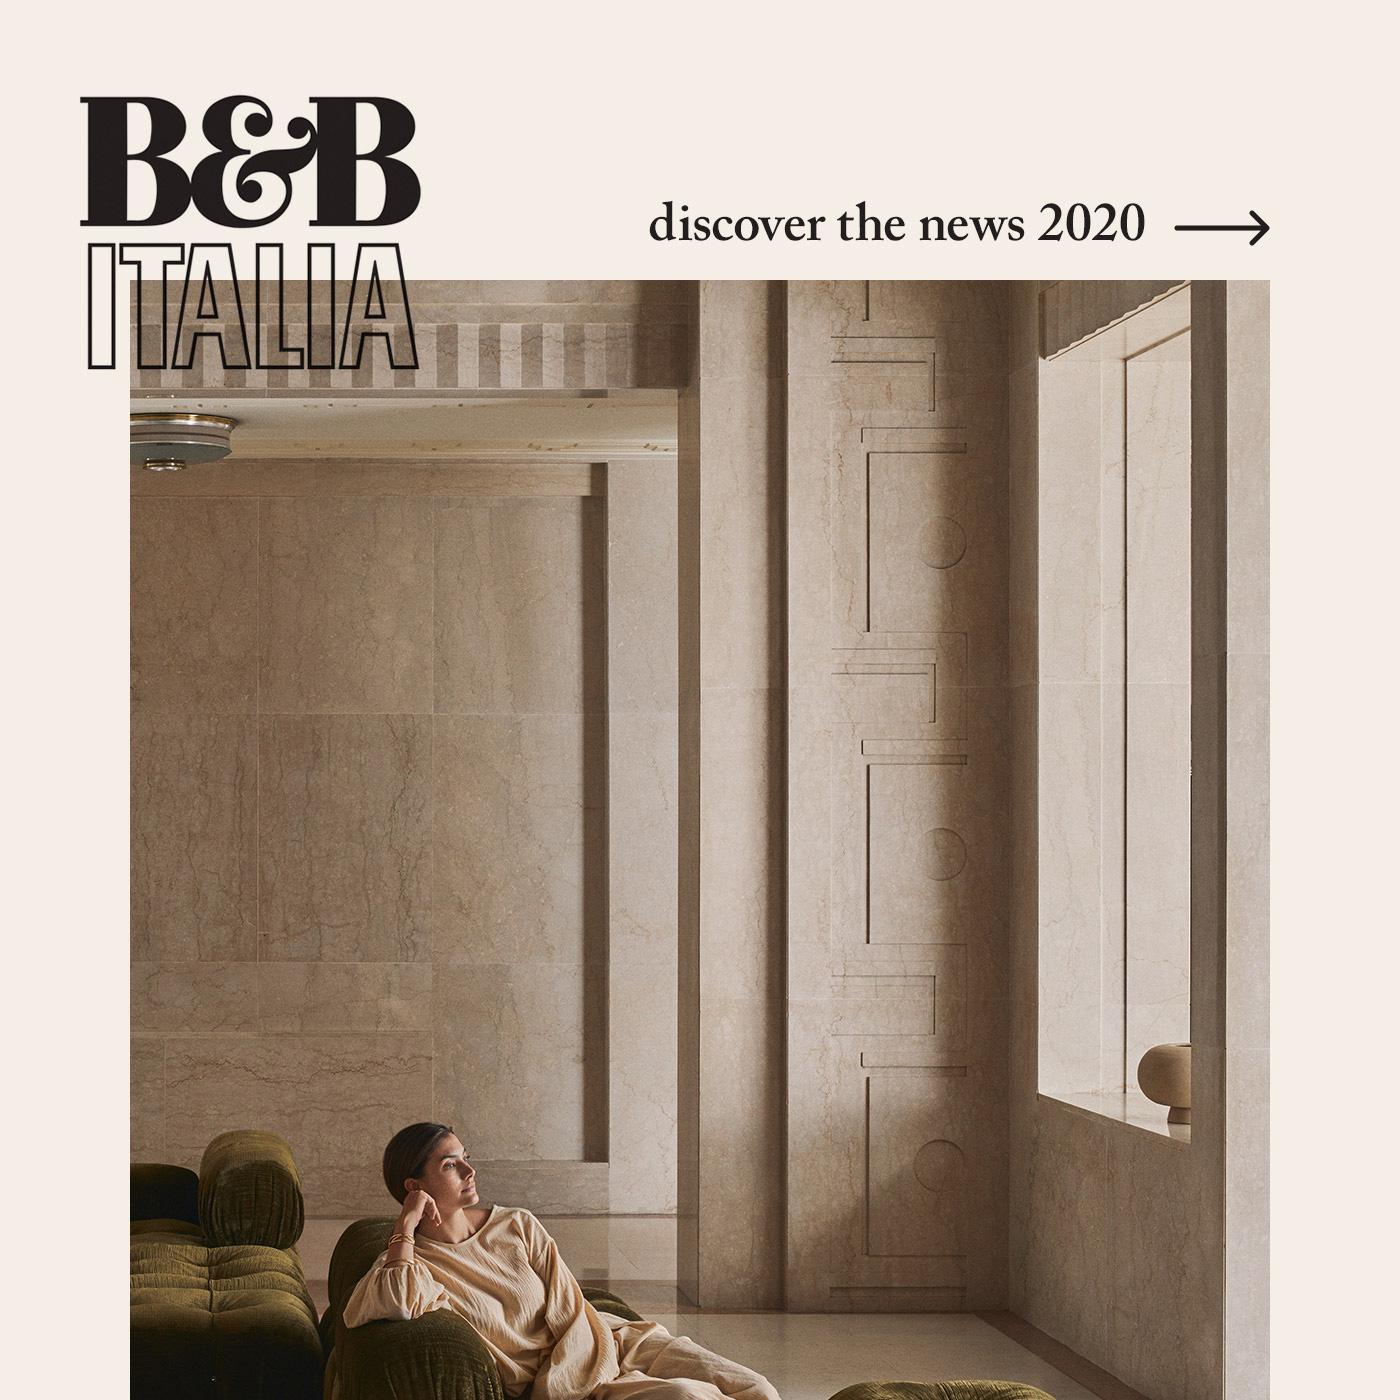 B&B Italia collezione 2020